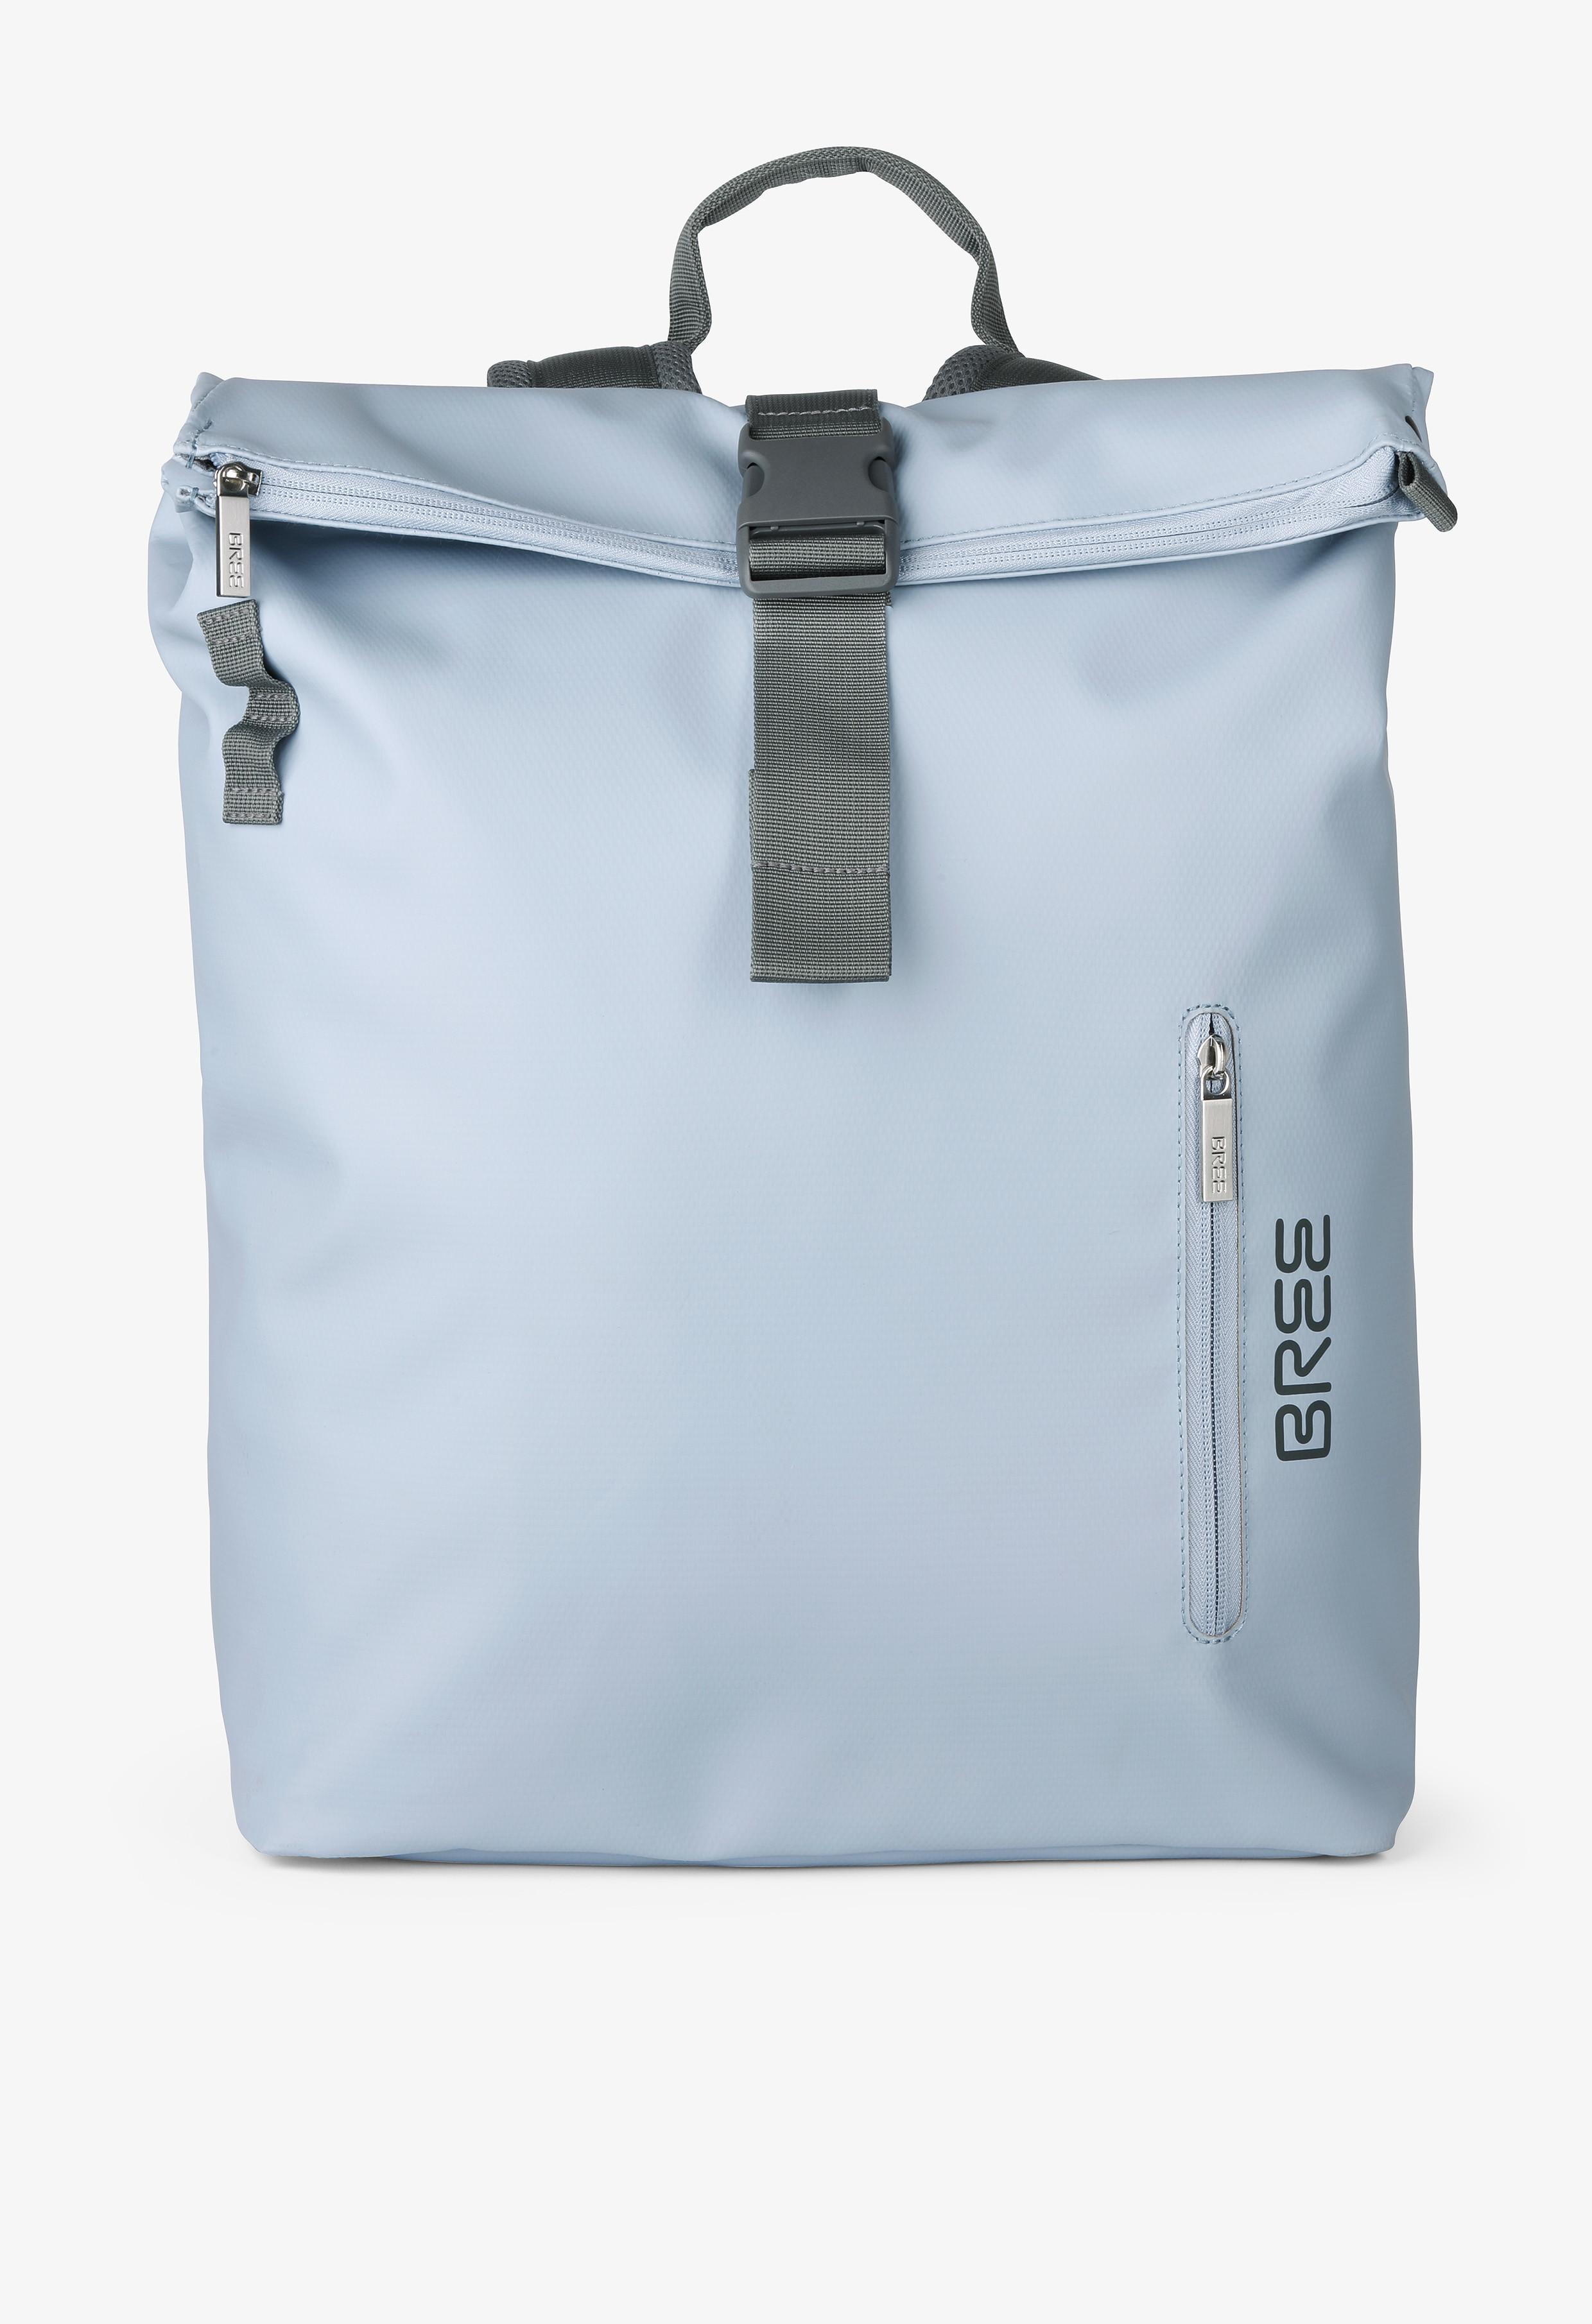 dd279e91e63a9 Rucksack für Damen im BREE Online Store kaufen